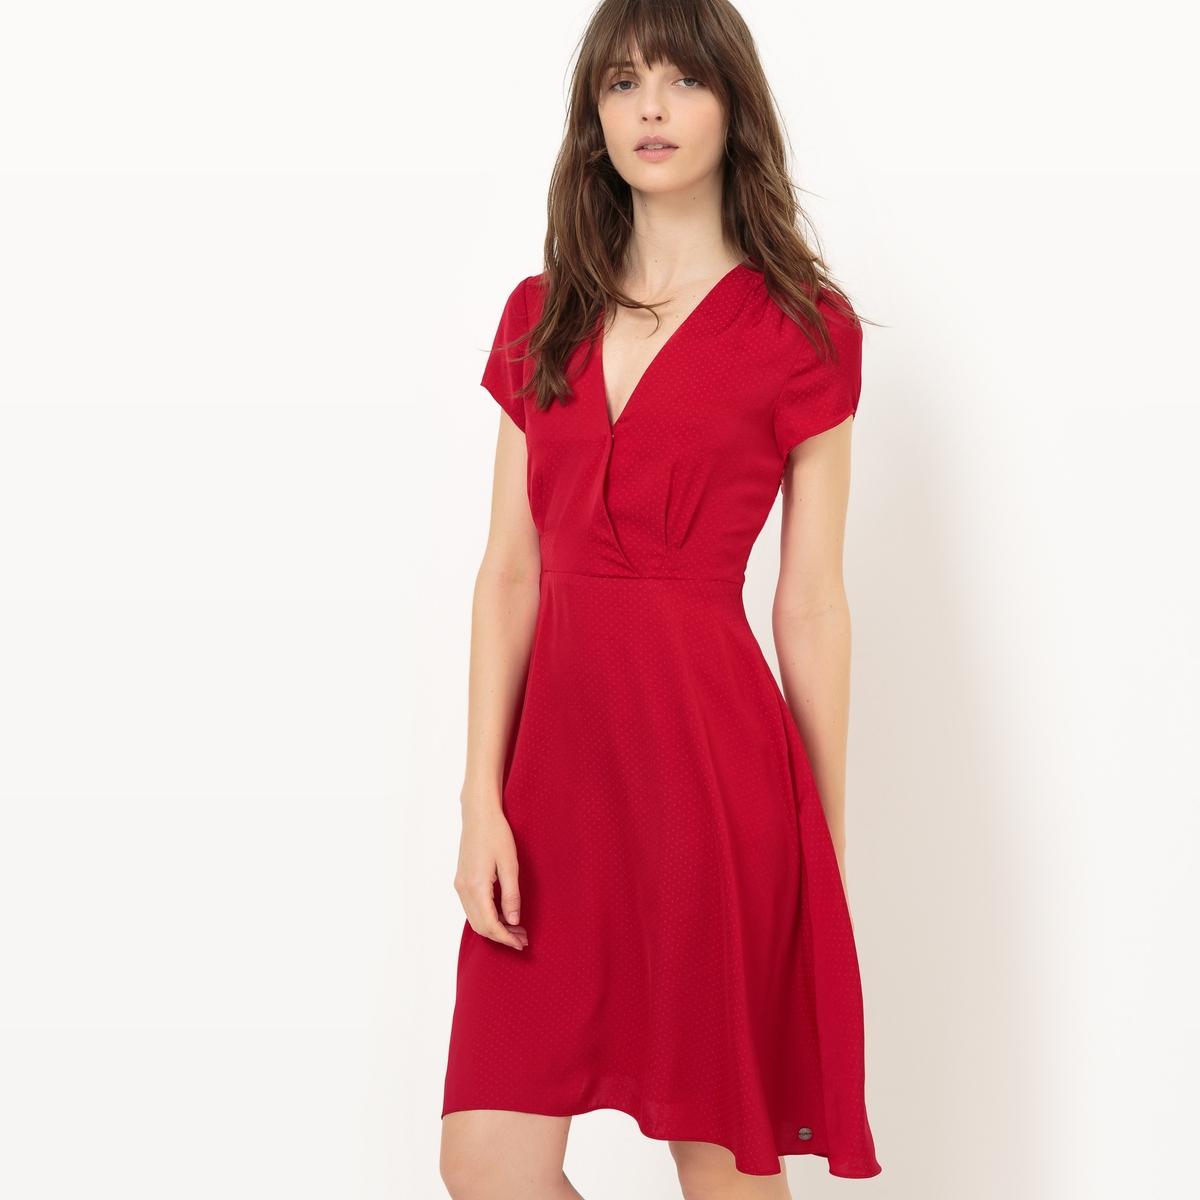 Платье с запахом спереди и короткими рукавамиМатериал : 100% полиамид Подкладка : 100% полиэстер Длина рукава : короткие рукава  Форма воротника : V-образный вырез Покрой платья : платье прямого покроя    Рисунок : однотонная модель  Особенность платья : глубокий вырез спереди Длина платья : короткое<br><br>Цвет: красный